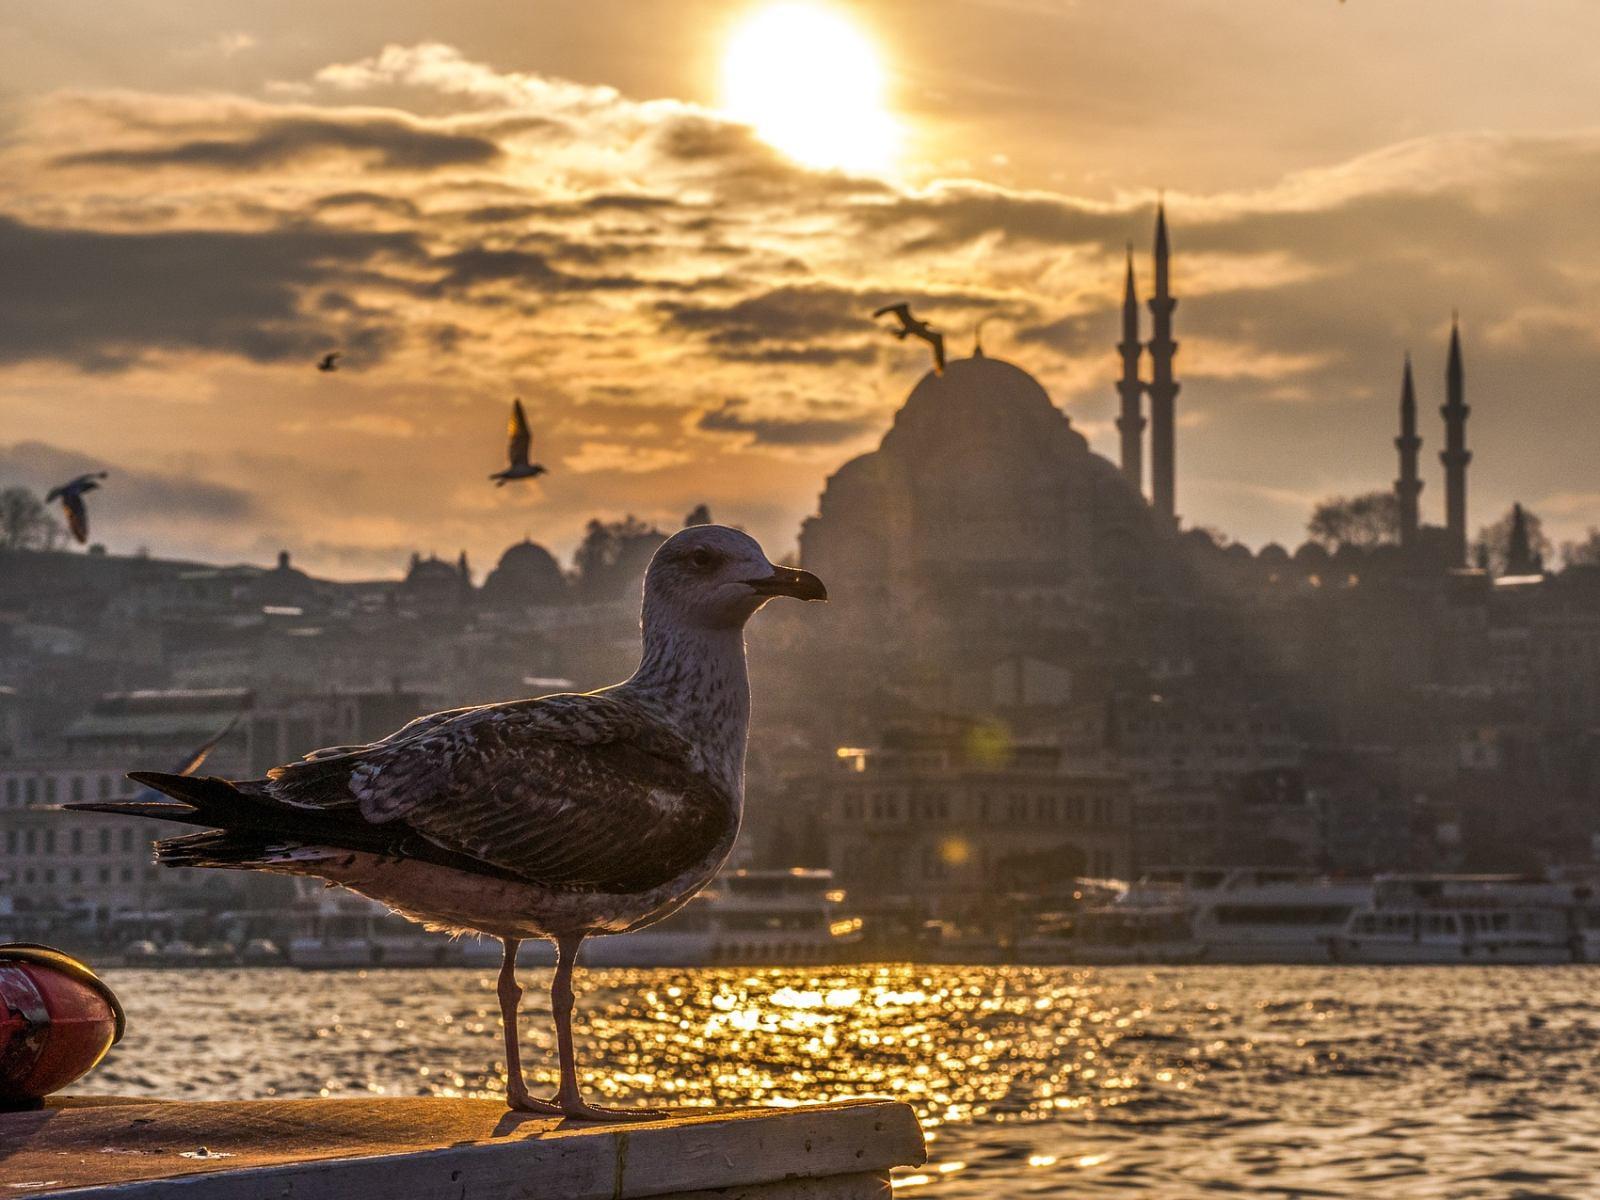 Stimmungsbild: Möwe vor türkischem Minarett